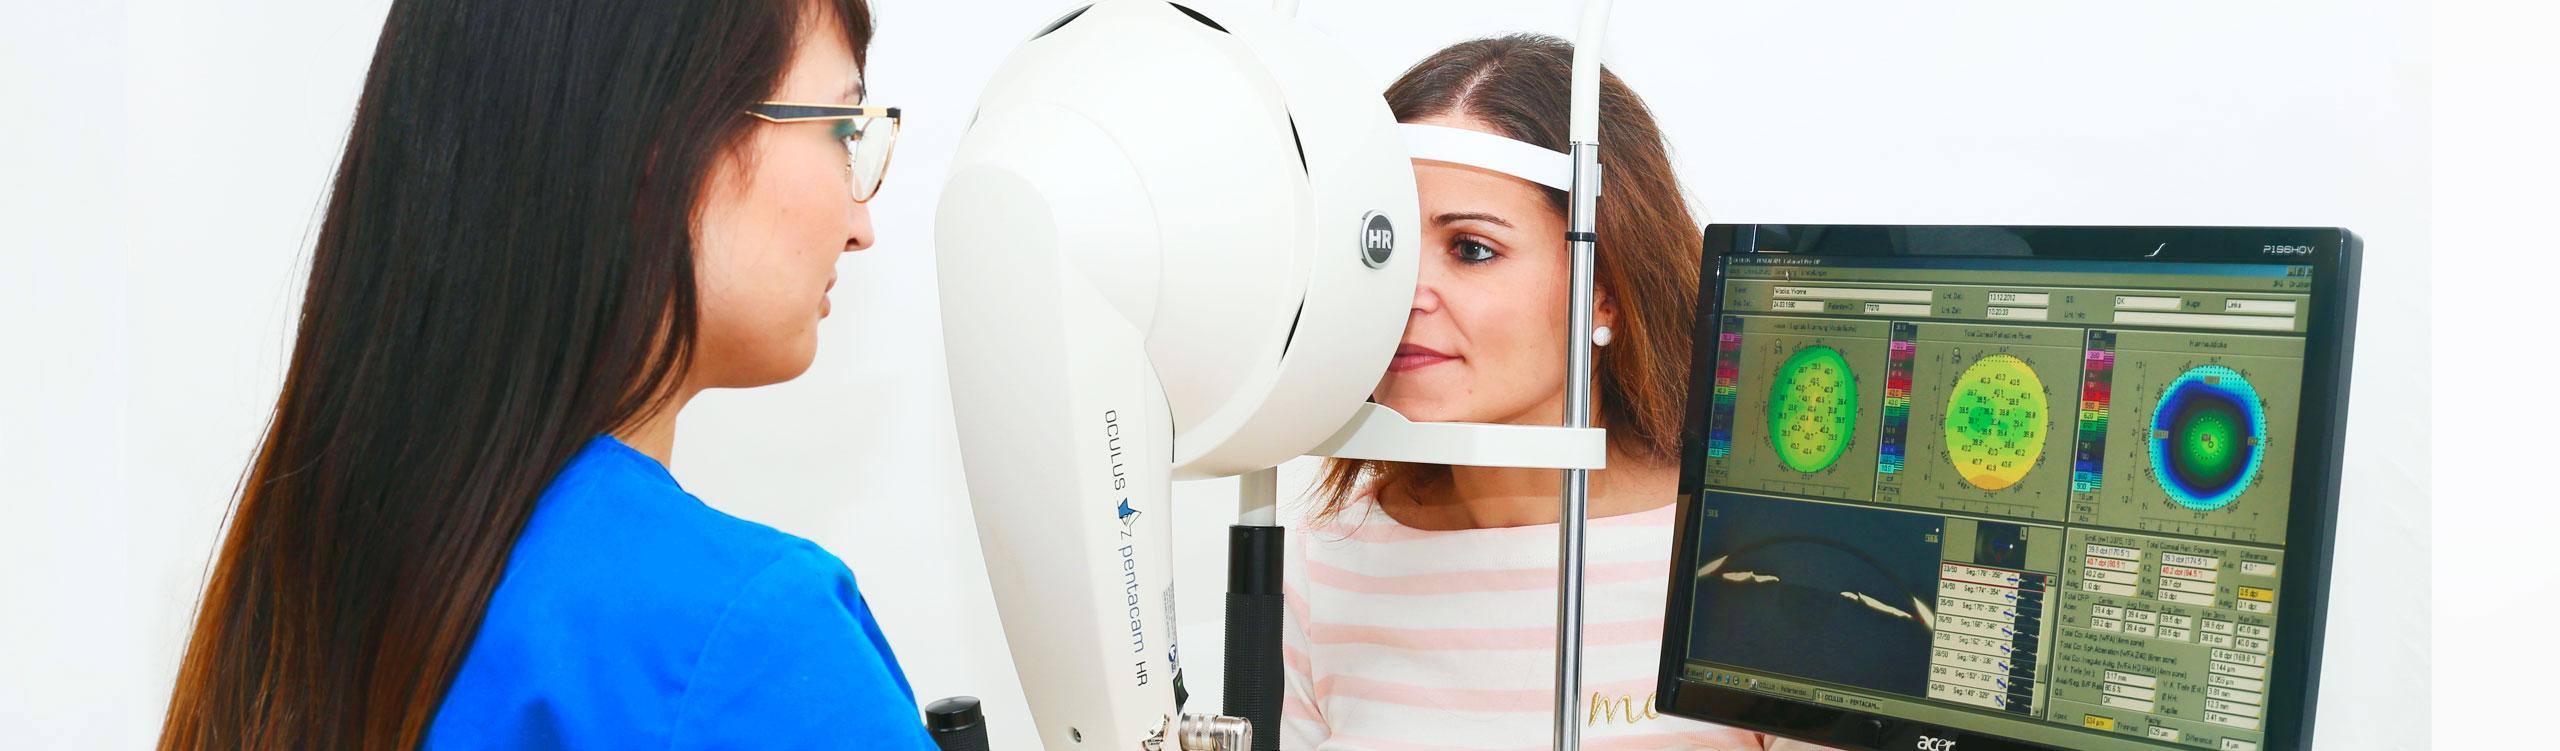 Eine Frau wird im Rahmen der Augendiagnostik im AugenCentrum Bayreuth untersucht